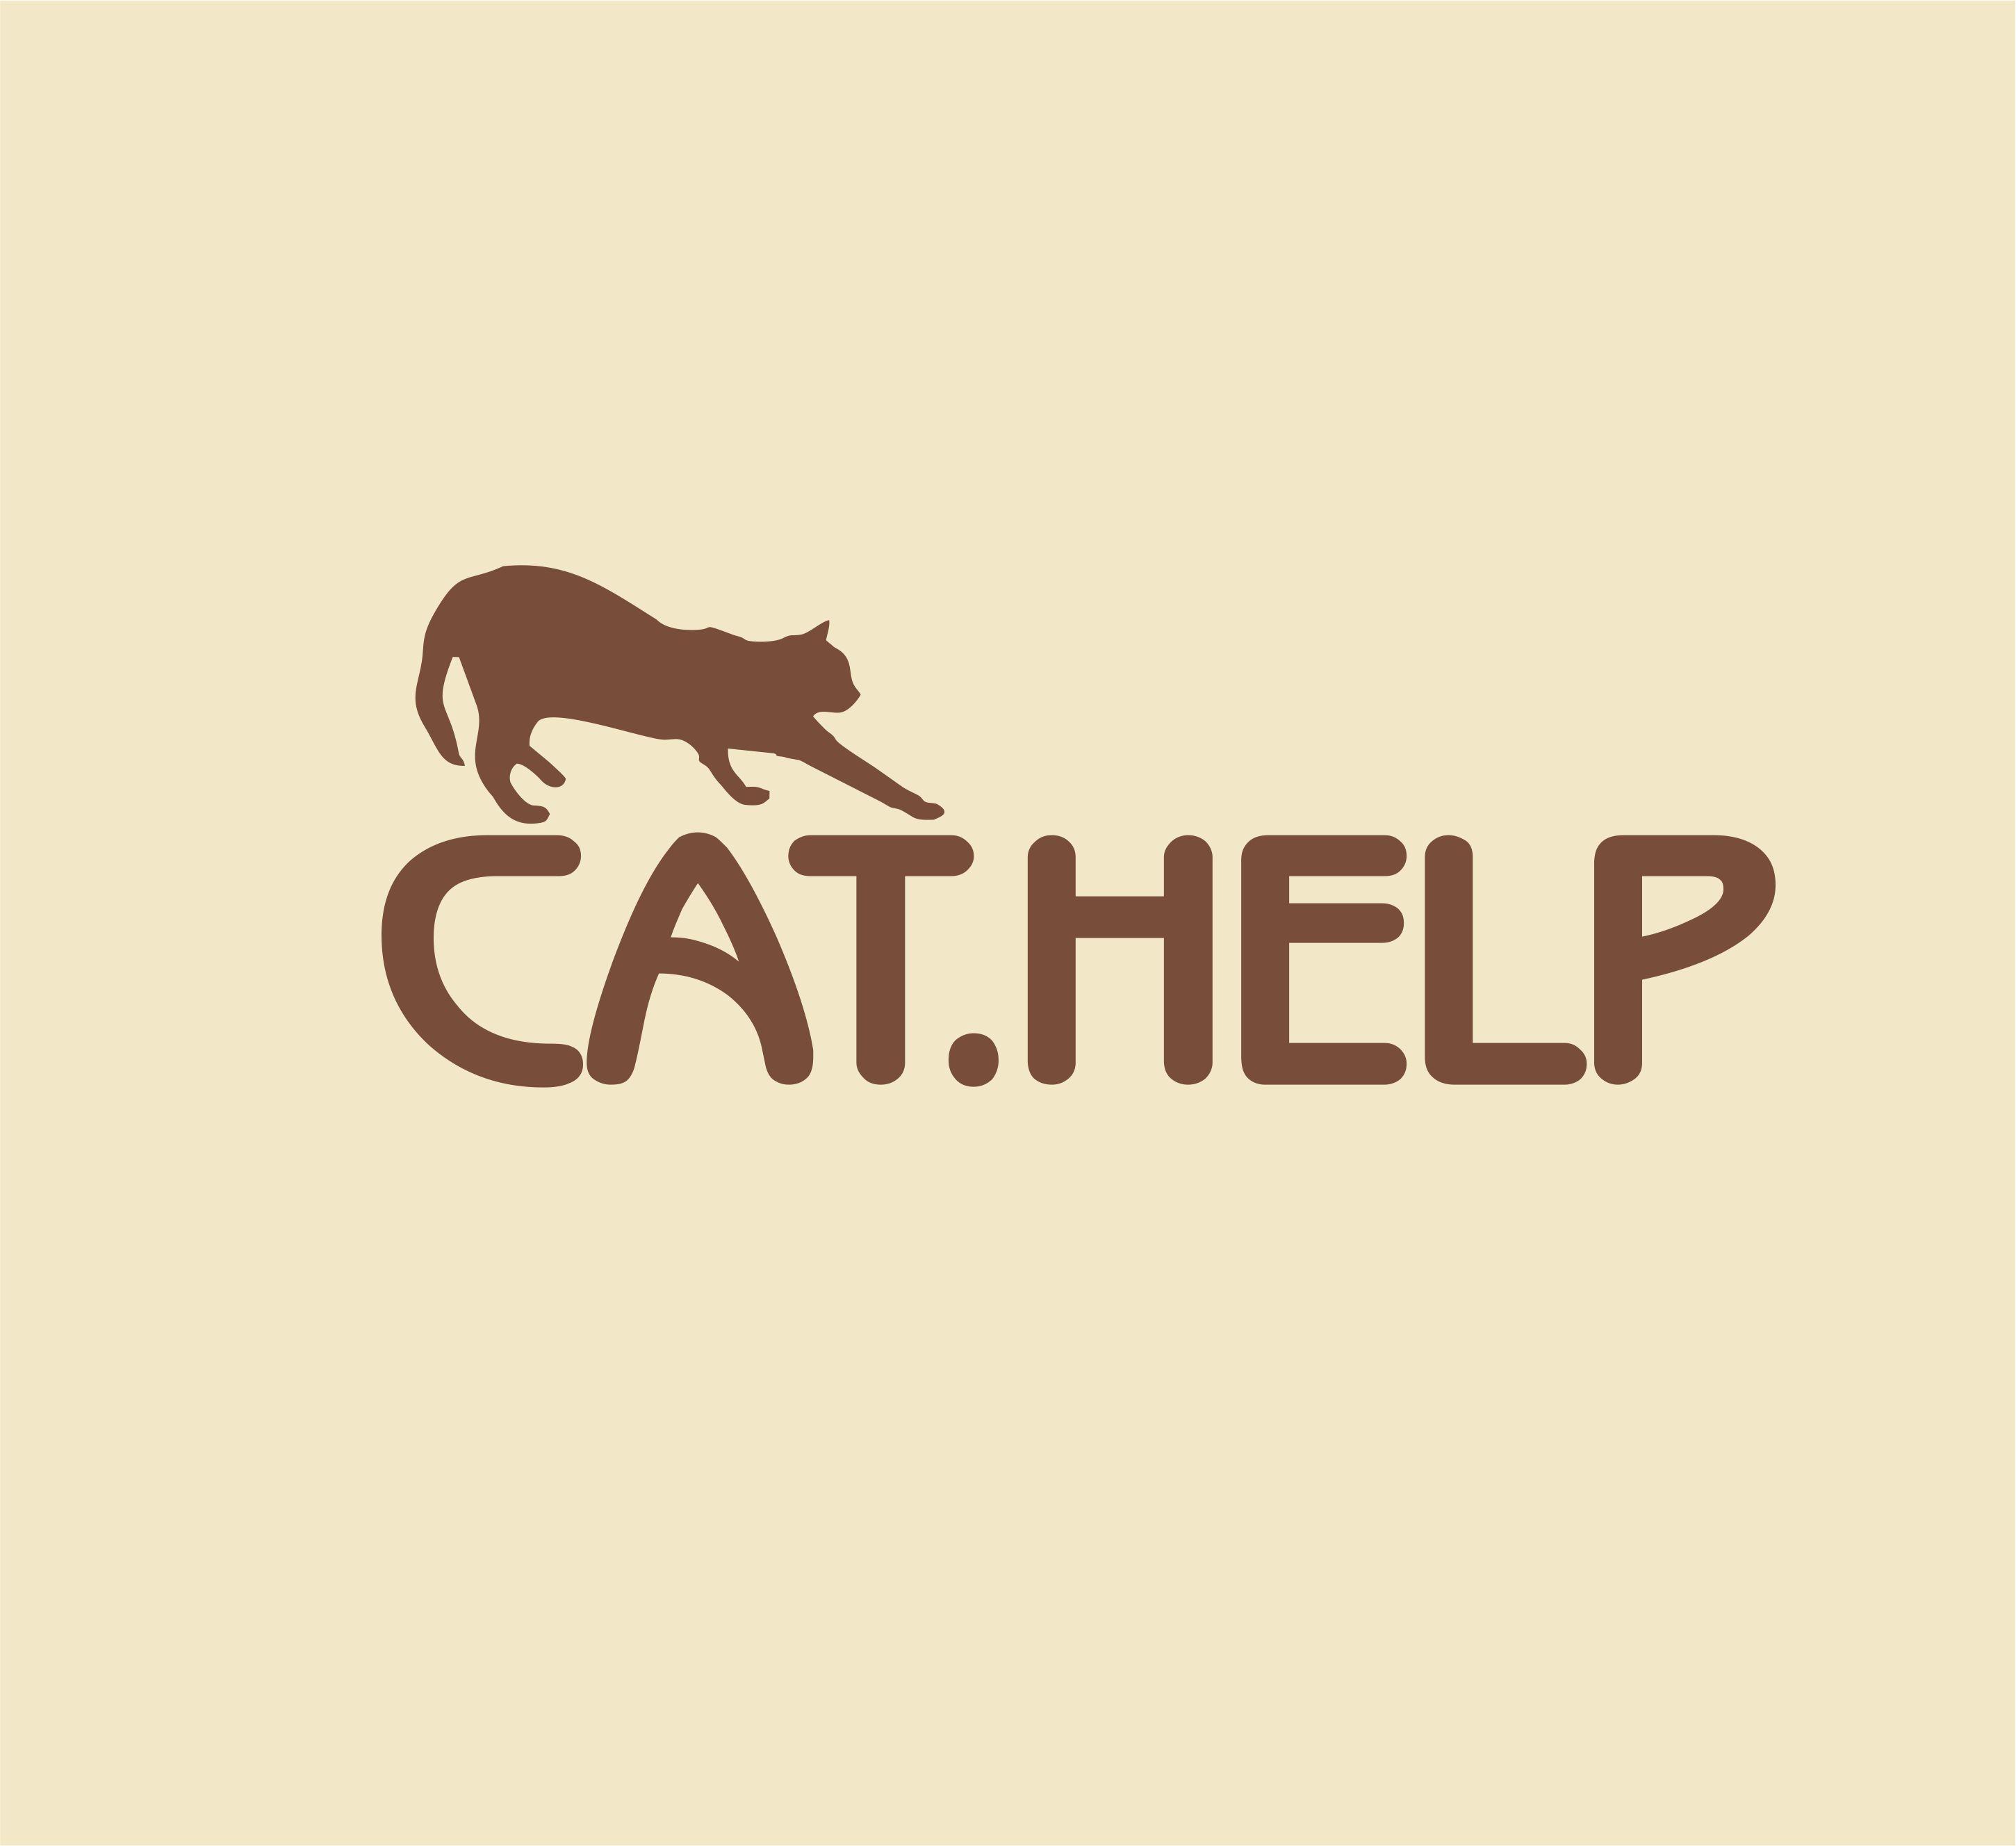 логотип для сайта и группы вк - cat.help фото f_22359d9cd3ce200d.jpg